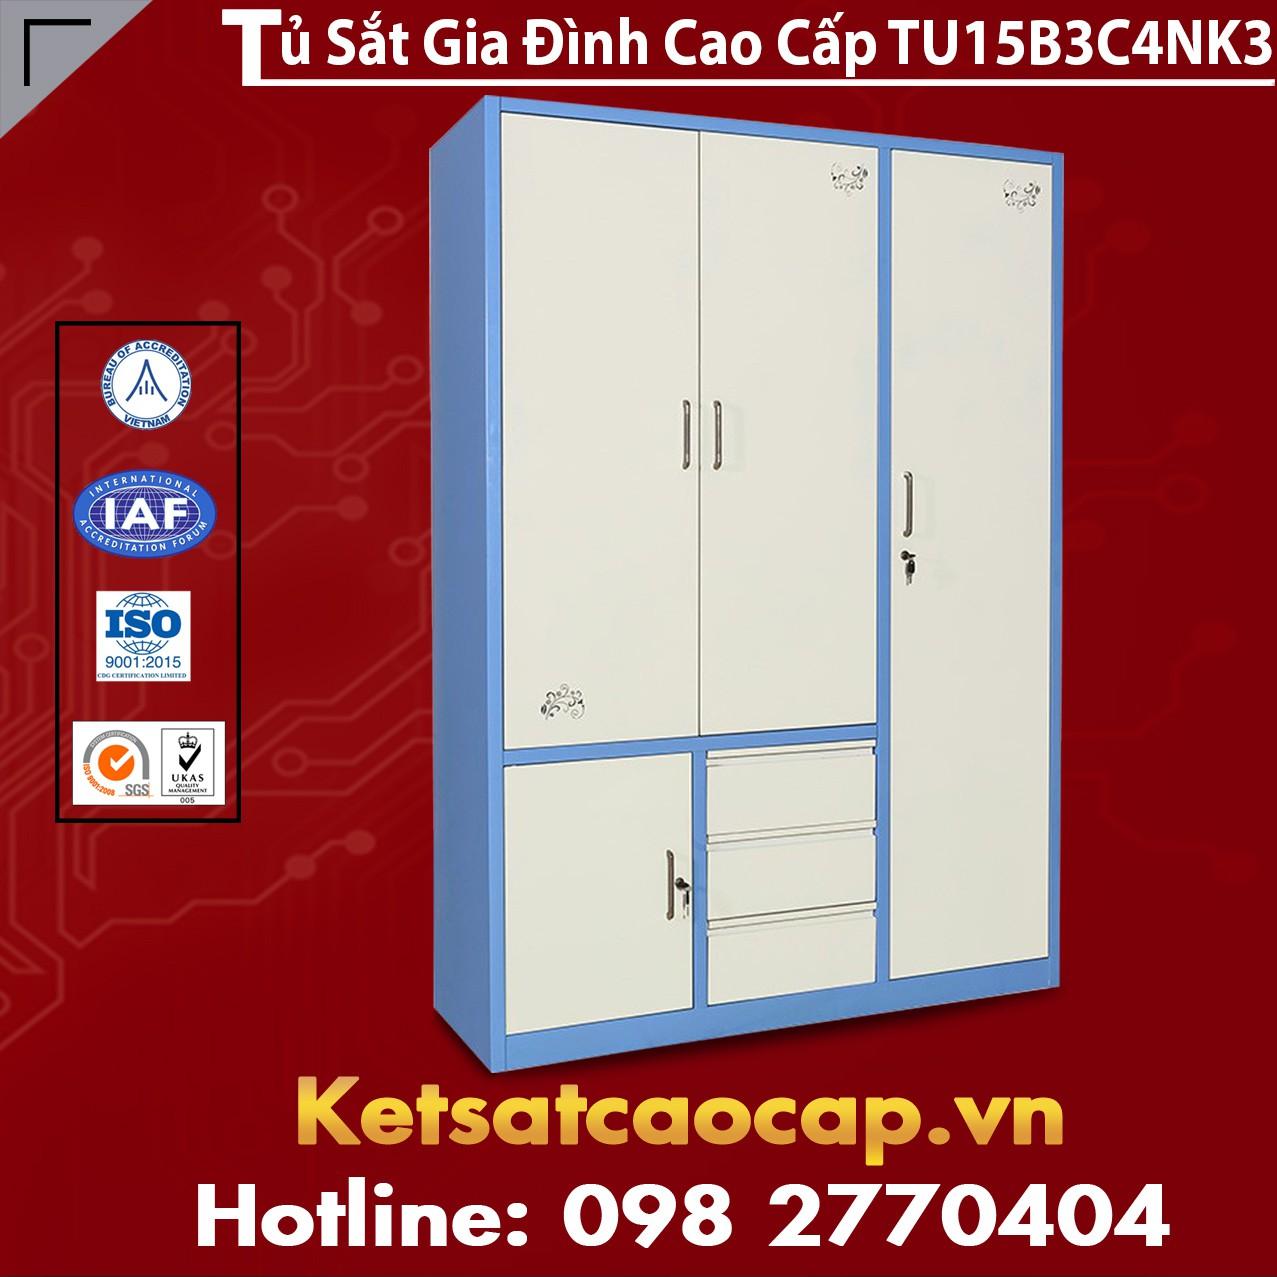 Tủ Sắt Gia Đình TU15B3C4NK3